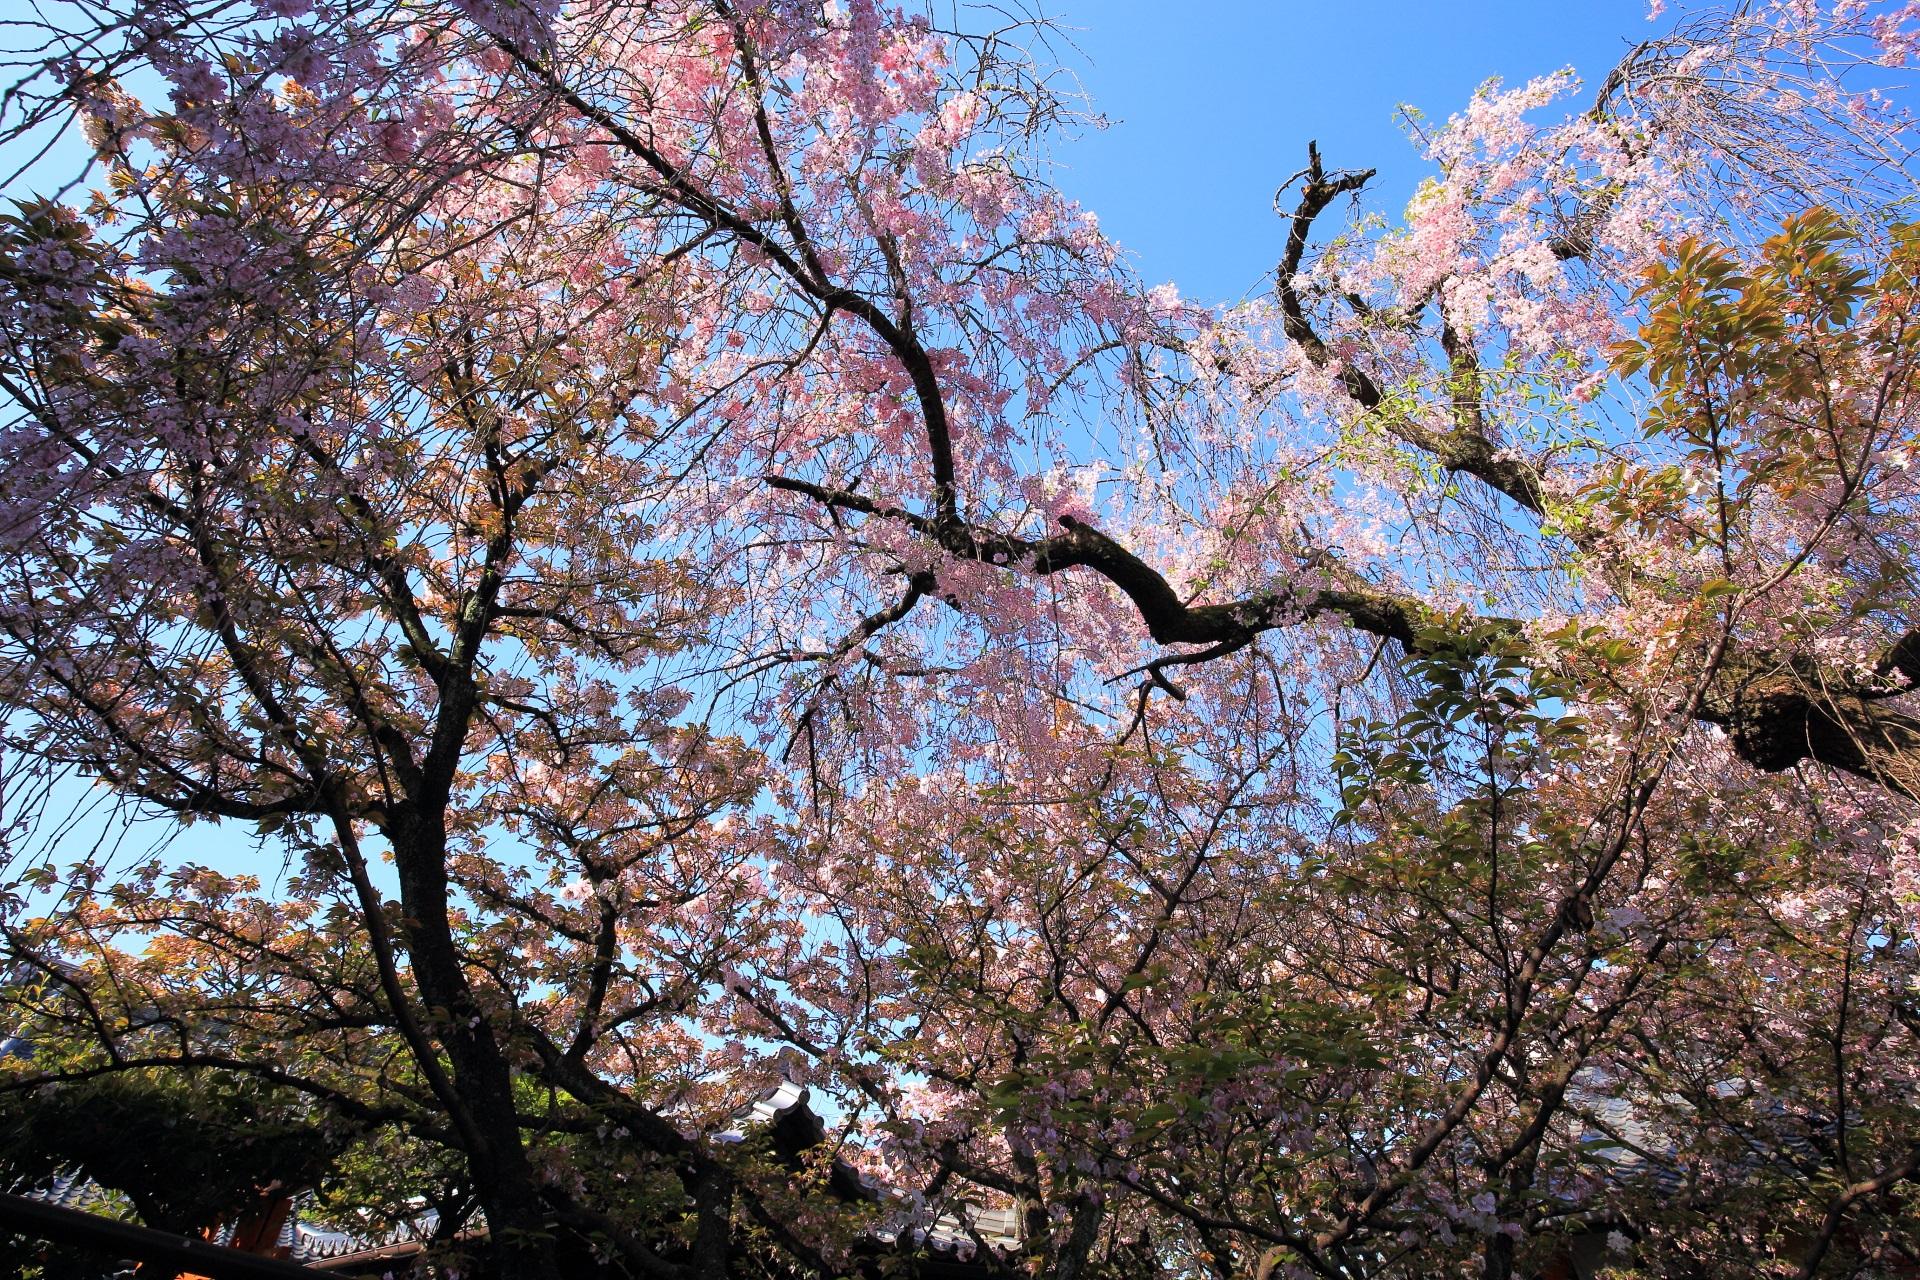 青空からピンクの花が降り注ぐしだれ桜